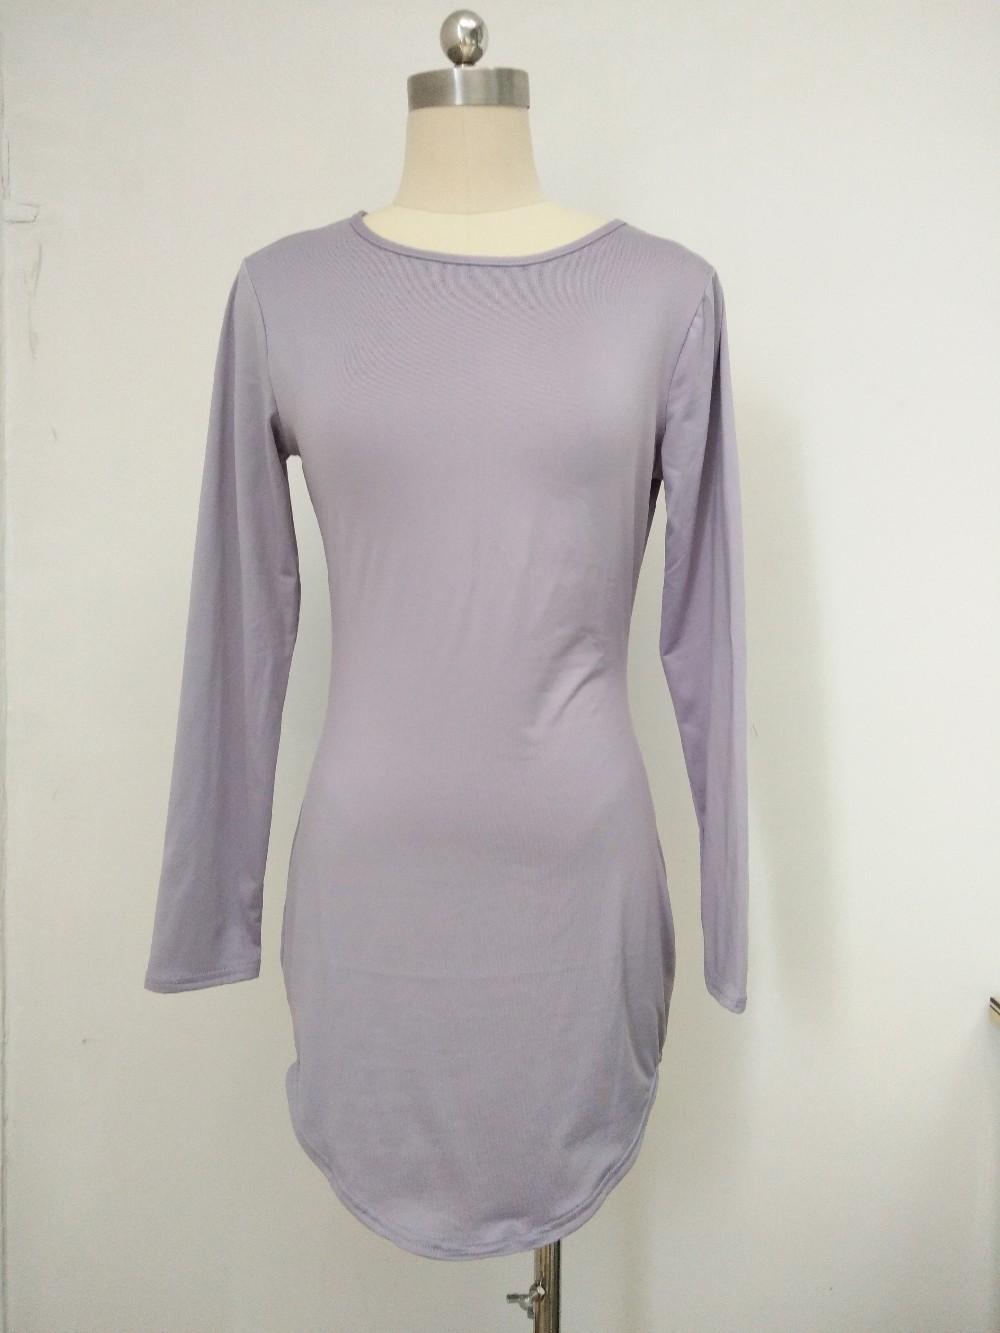 HTB1rXUdMVXXXXXzXXXXq6xXFXXXJ - Long Sleeve Mini Bodycon Split Tshirt Bandage Dresses JKP208